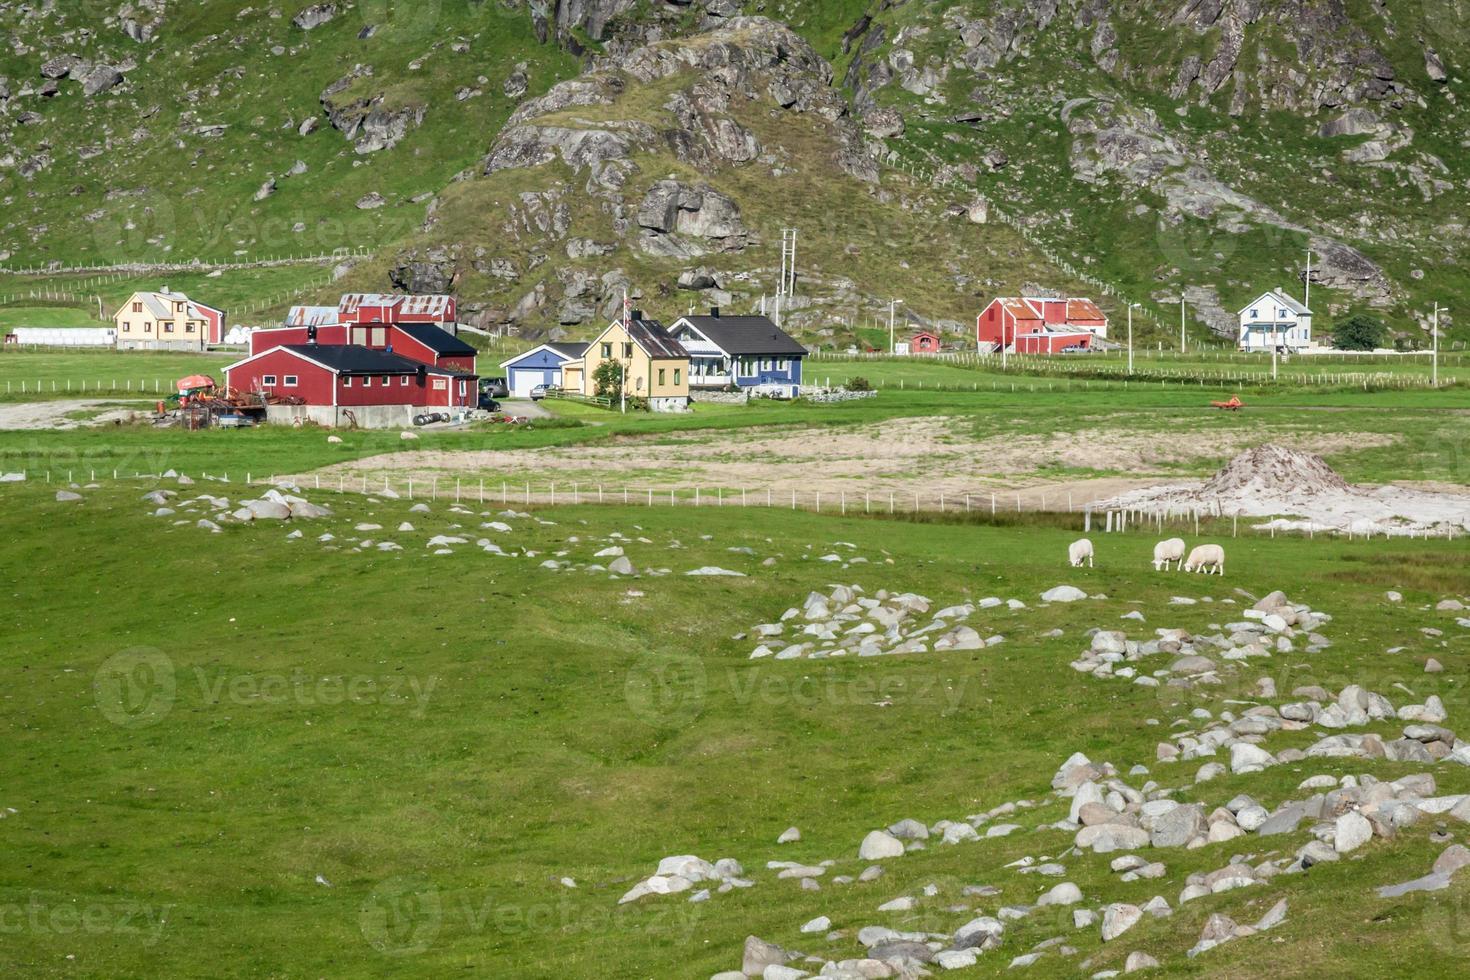 casas tradicionais norueguesas coloridas, ilhas lofoten, noruega foto